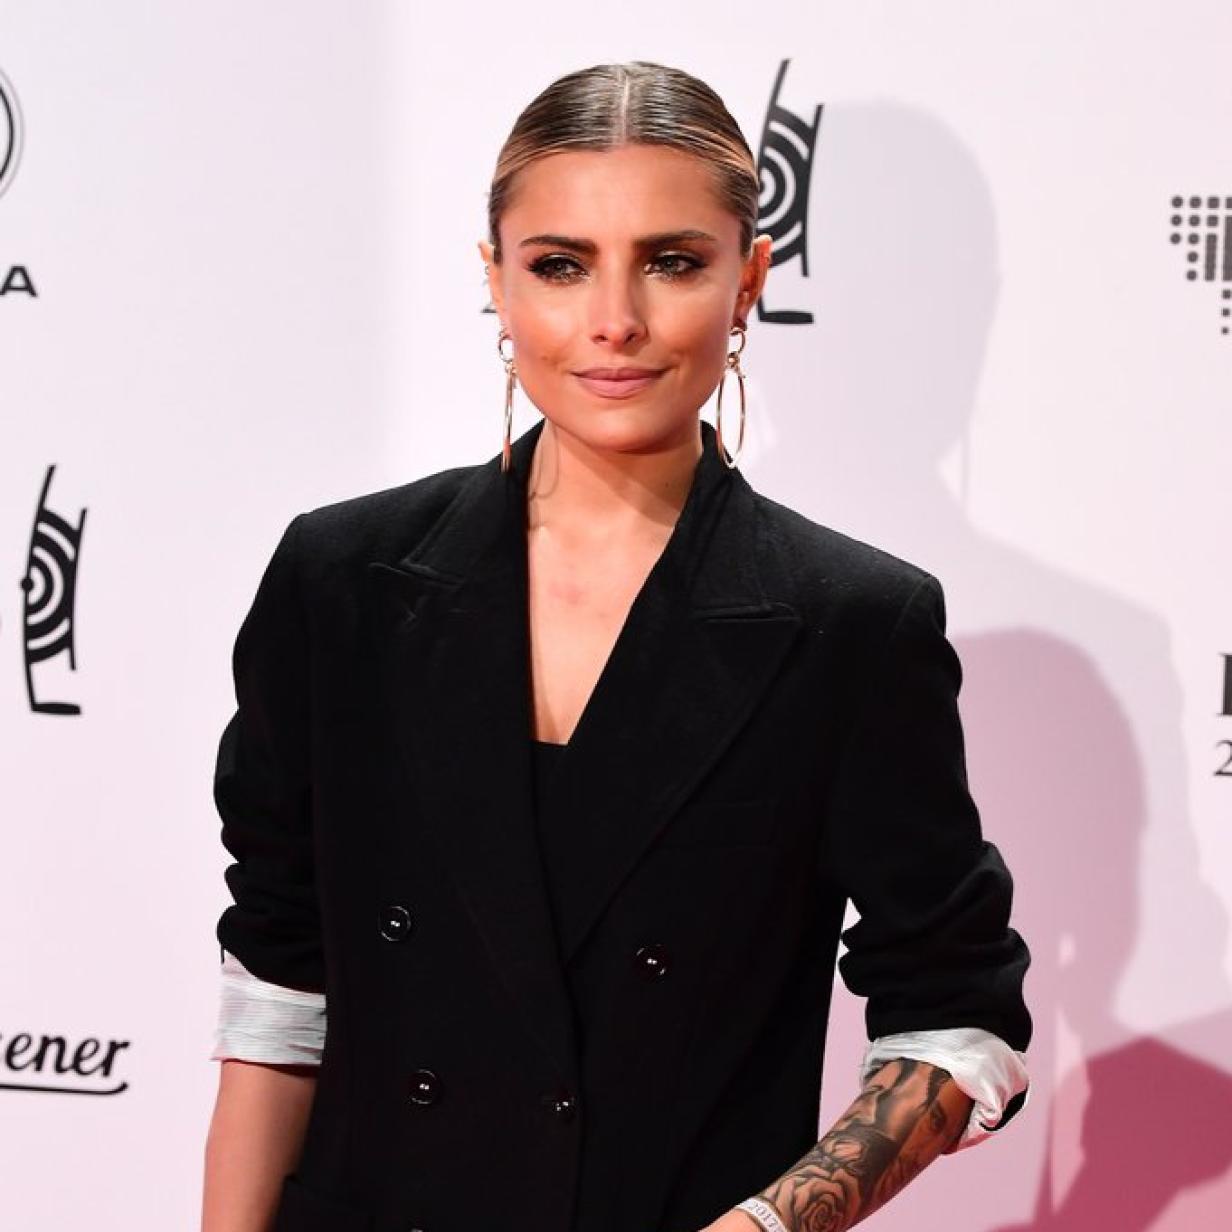 Sophia Thomalla schockiert Fans mit Mager-Bildern